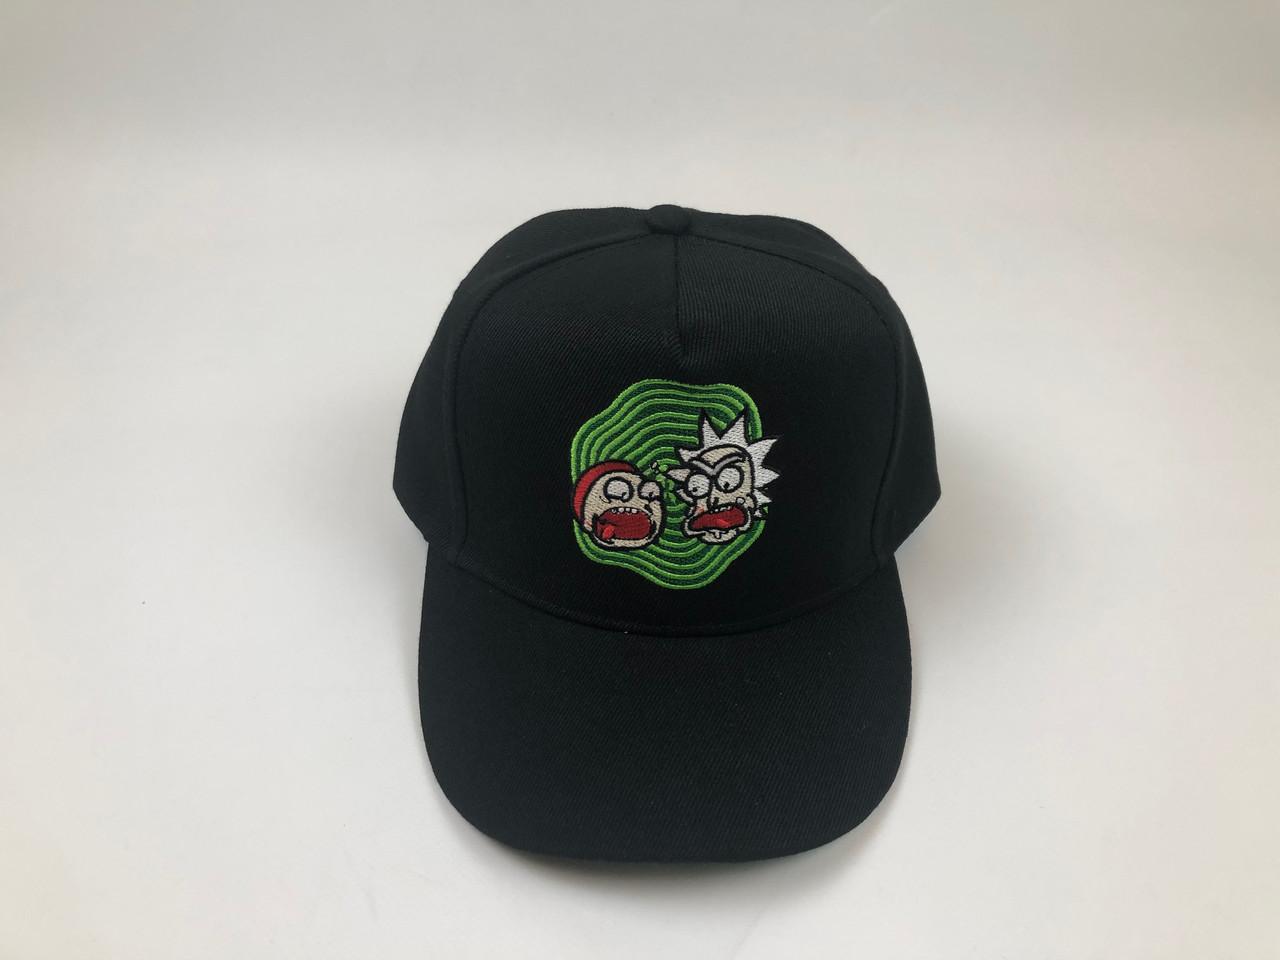 Кепка бейсболка Рик Морти - Зеленый круг (черная)